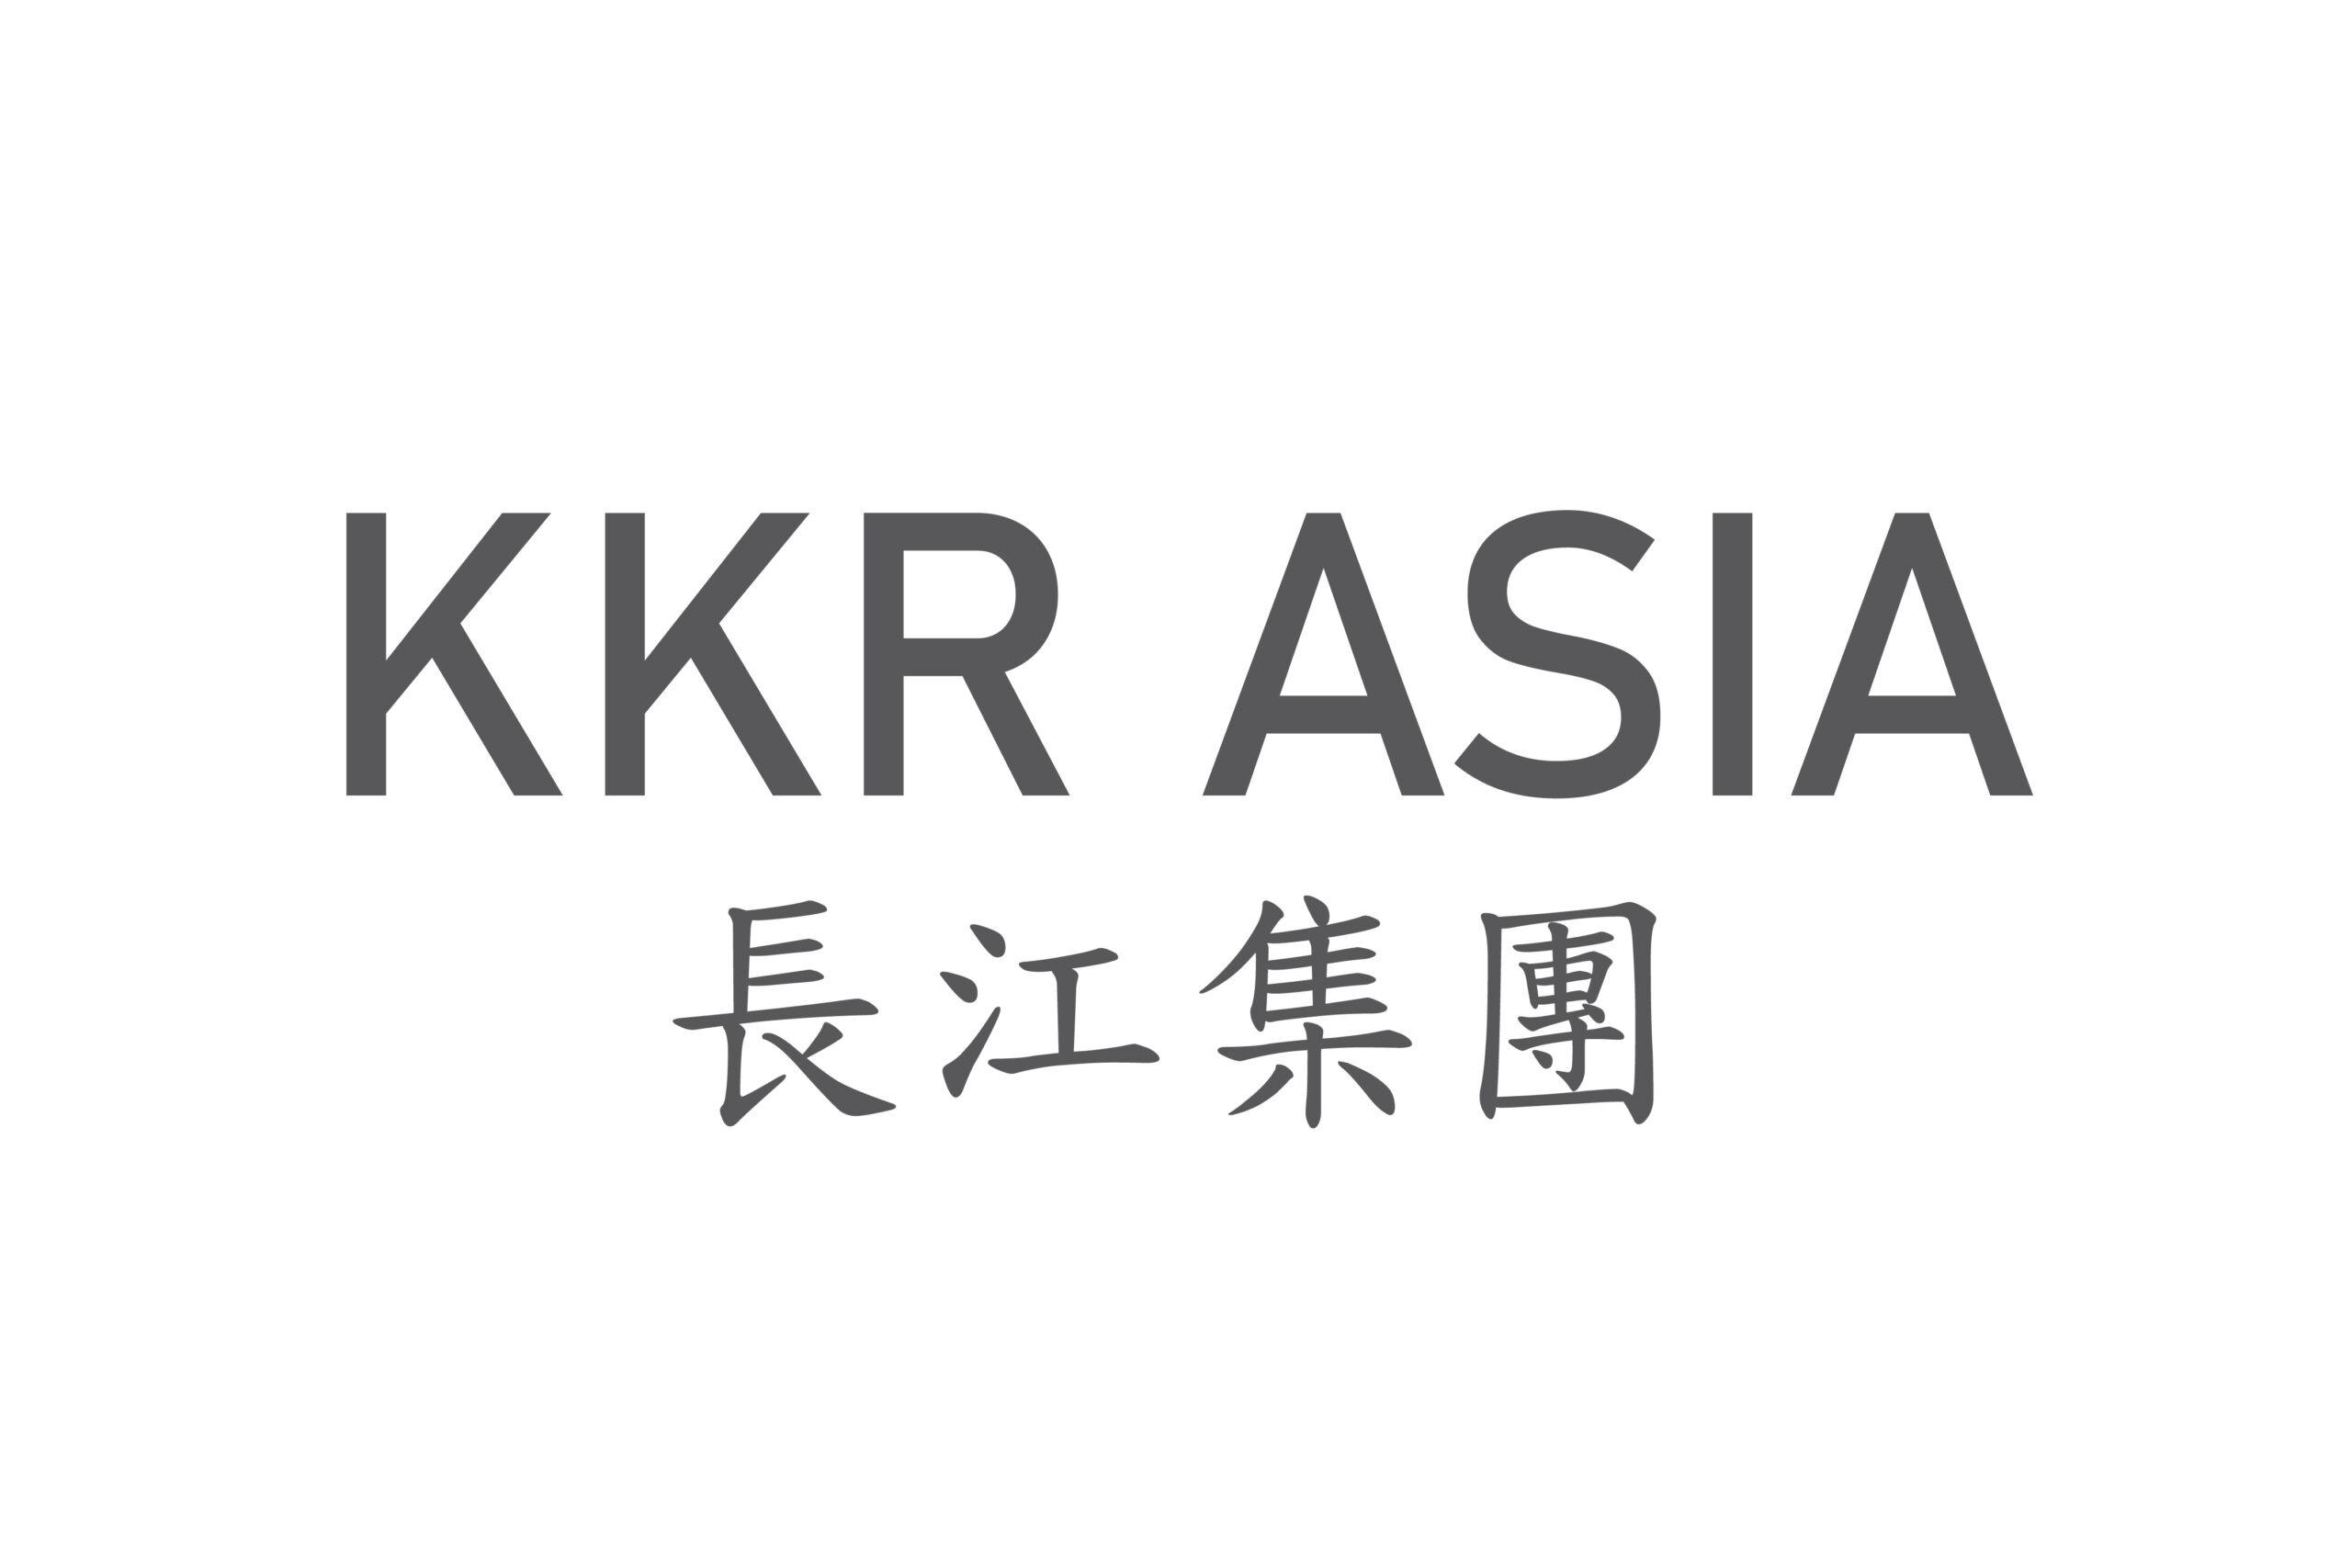 kkr-asia-hk-01-01-01